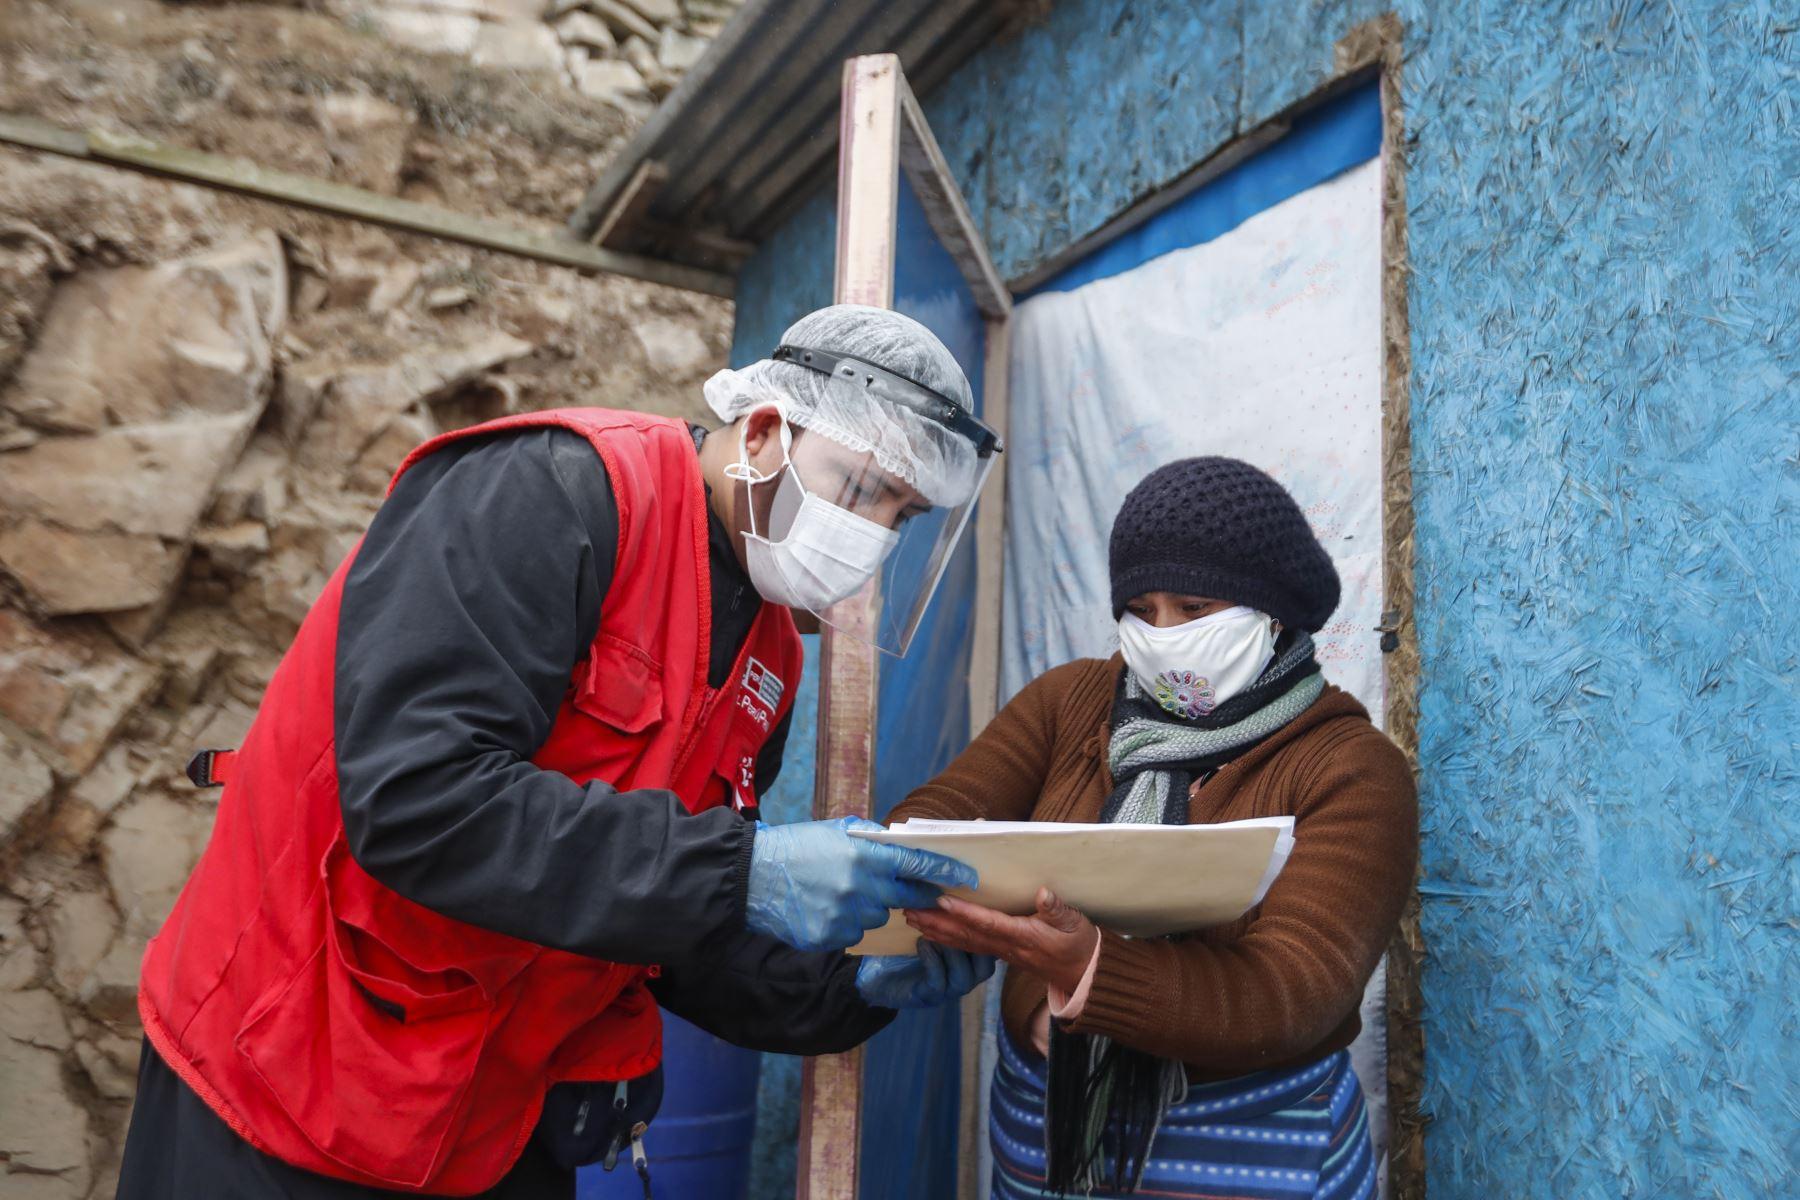 Luego de recibir el donativo las familias firman un documento para certificar la entrega. Foto: ANDINA/Renato Pajuelo